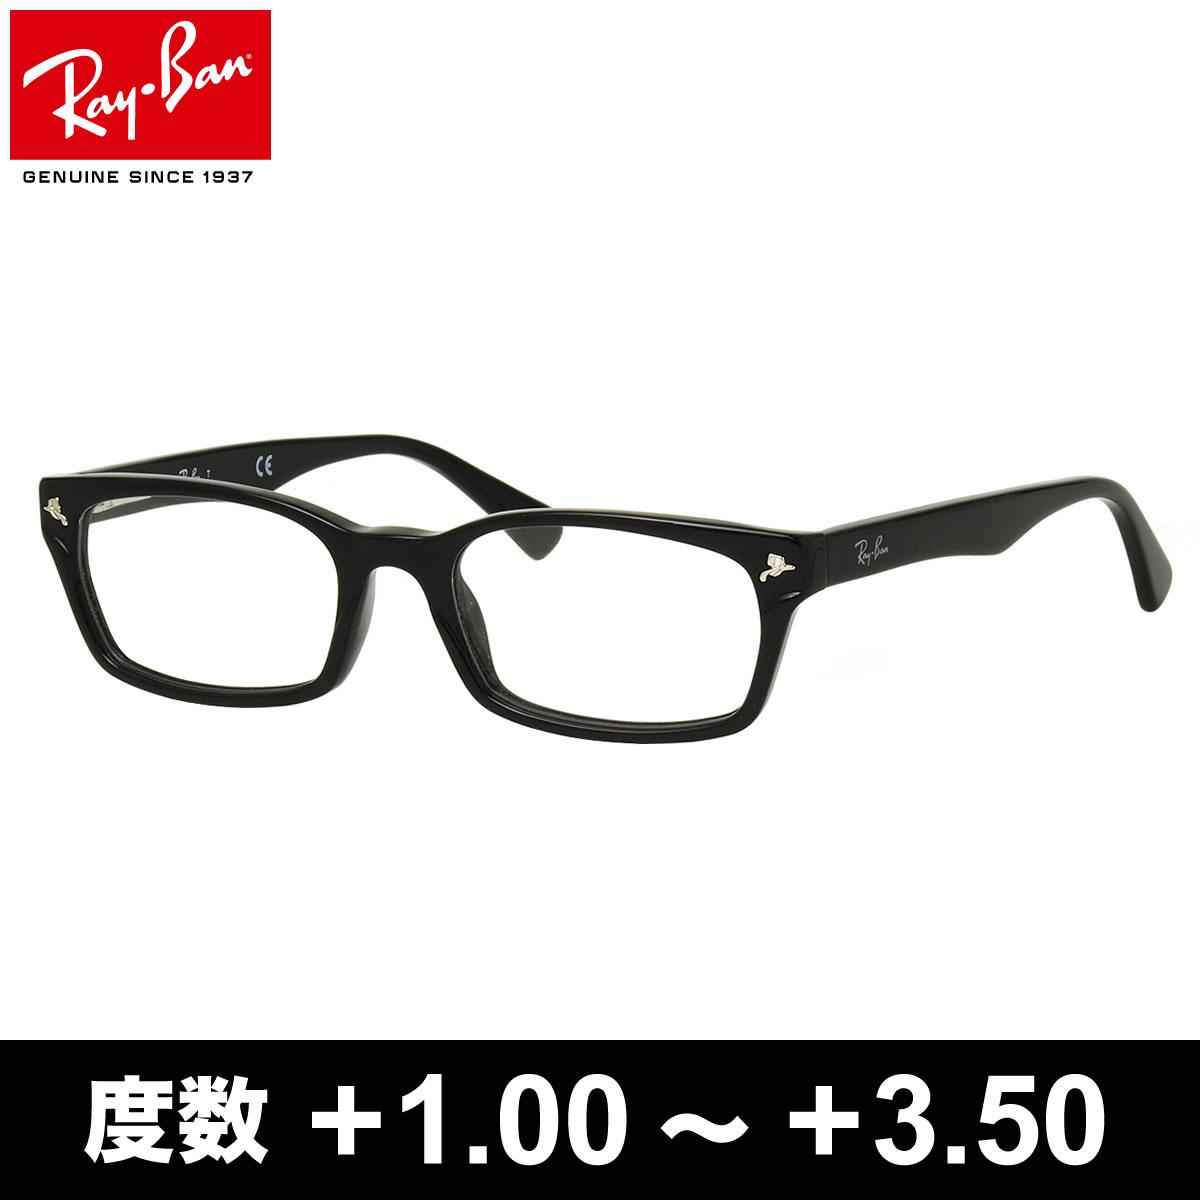 ほぼ全品ポイント15倍~最大34倍! レイバン スマート老眼鏡 +1.00~+3.50 非球面 紫外線カットブルーライトカット Ray-Ban メガネフレーム RX5017A 2000 52サイズ レイバン RAYBAN リーディンググラス あす楽対応 敬老の日 プレゼント シニアグラス 父の日 [OS]